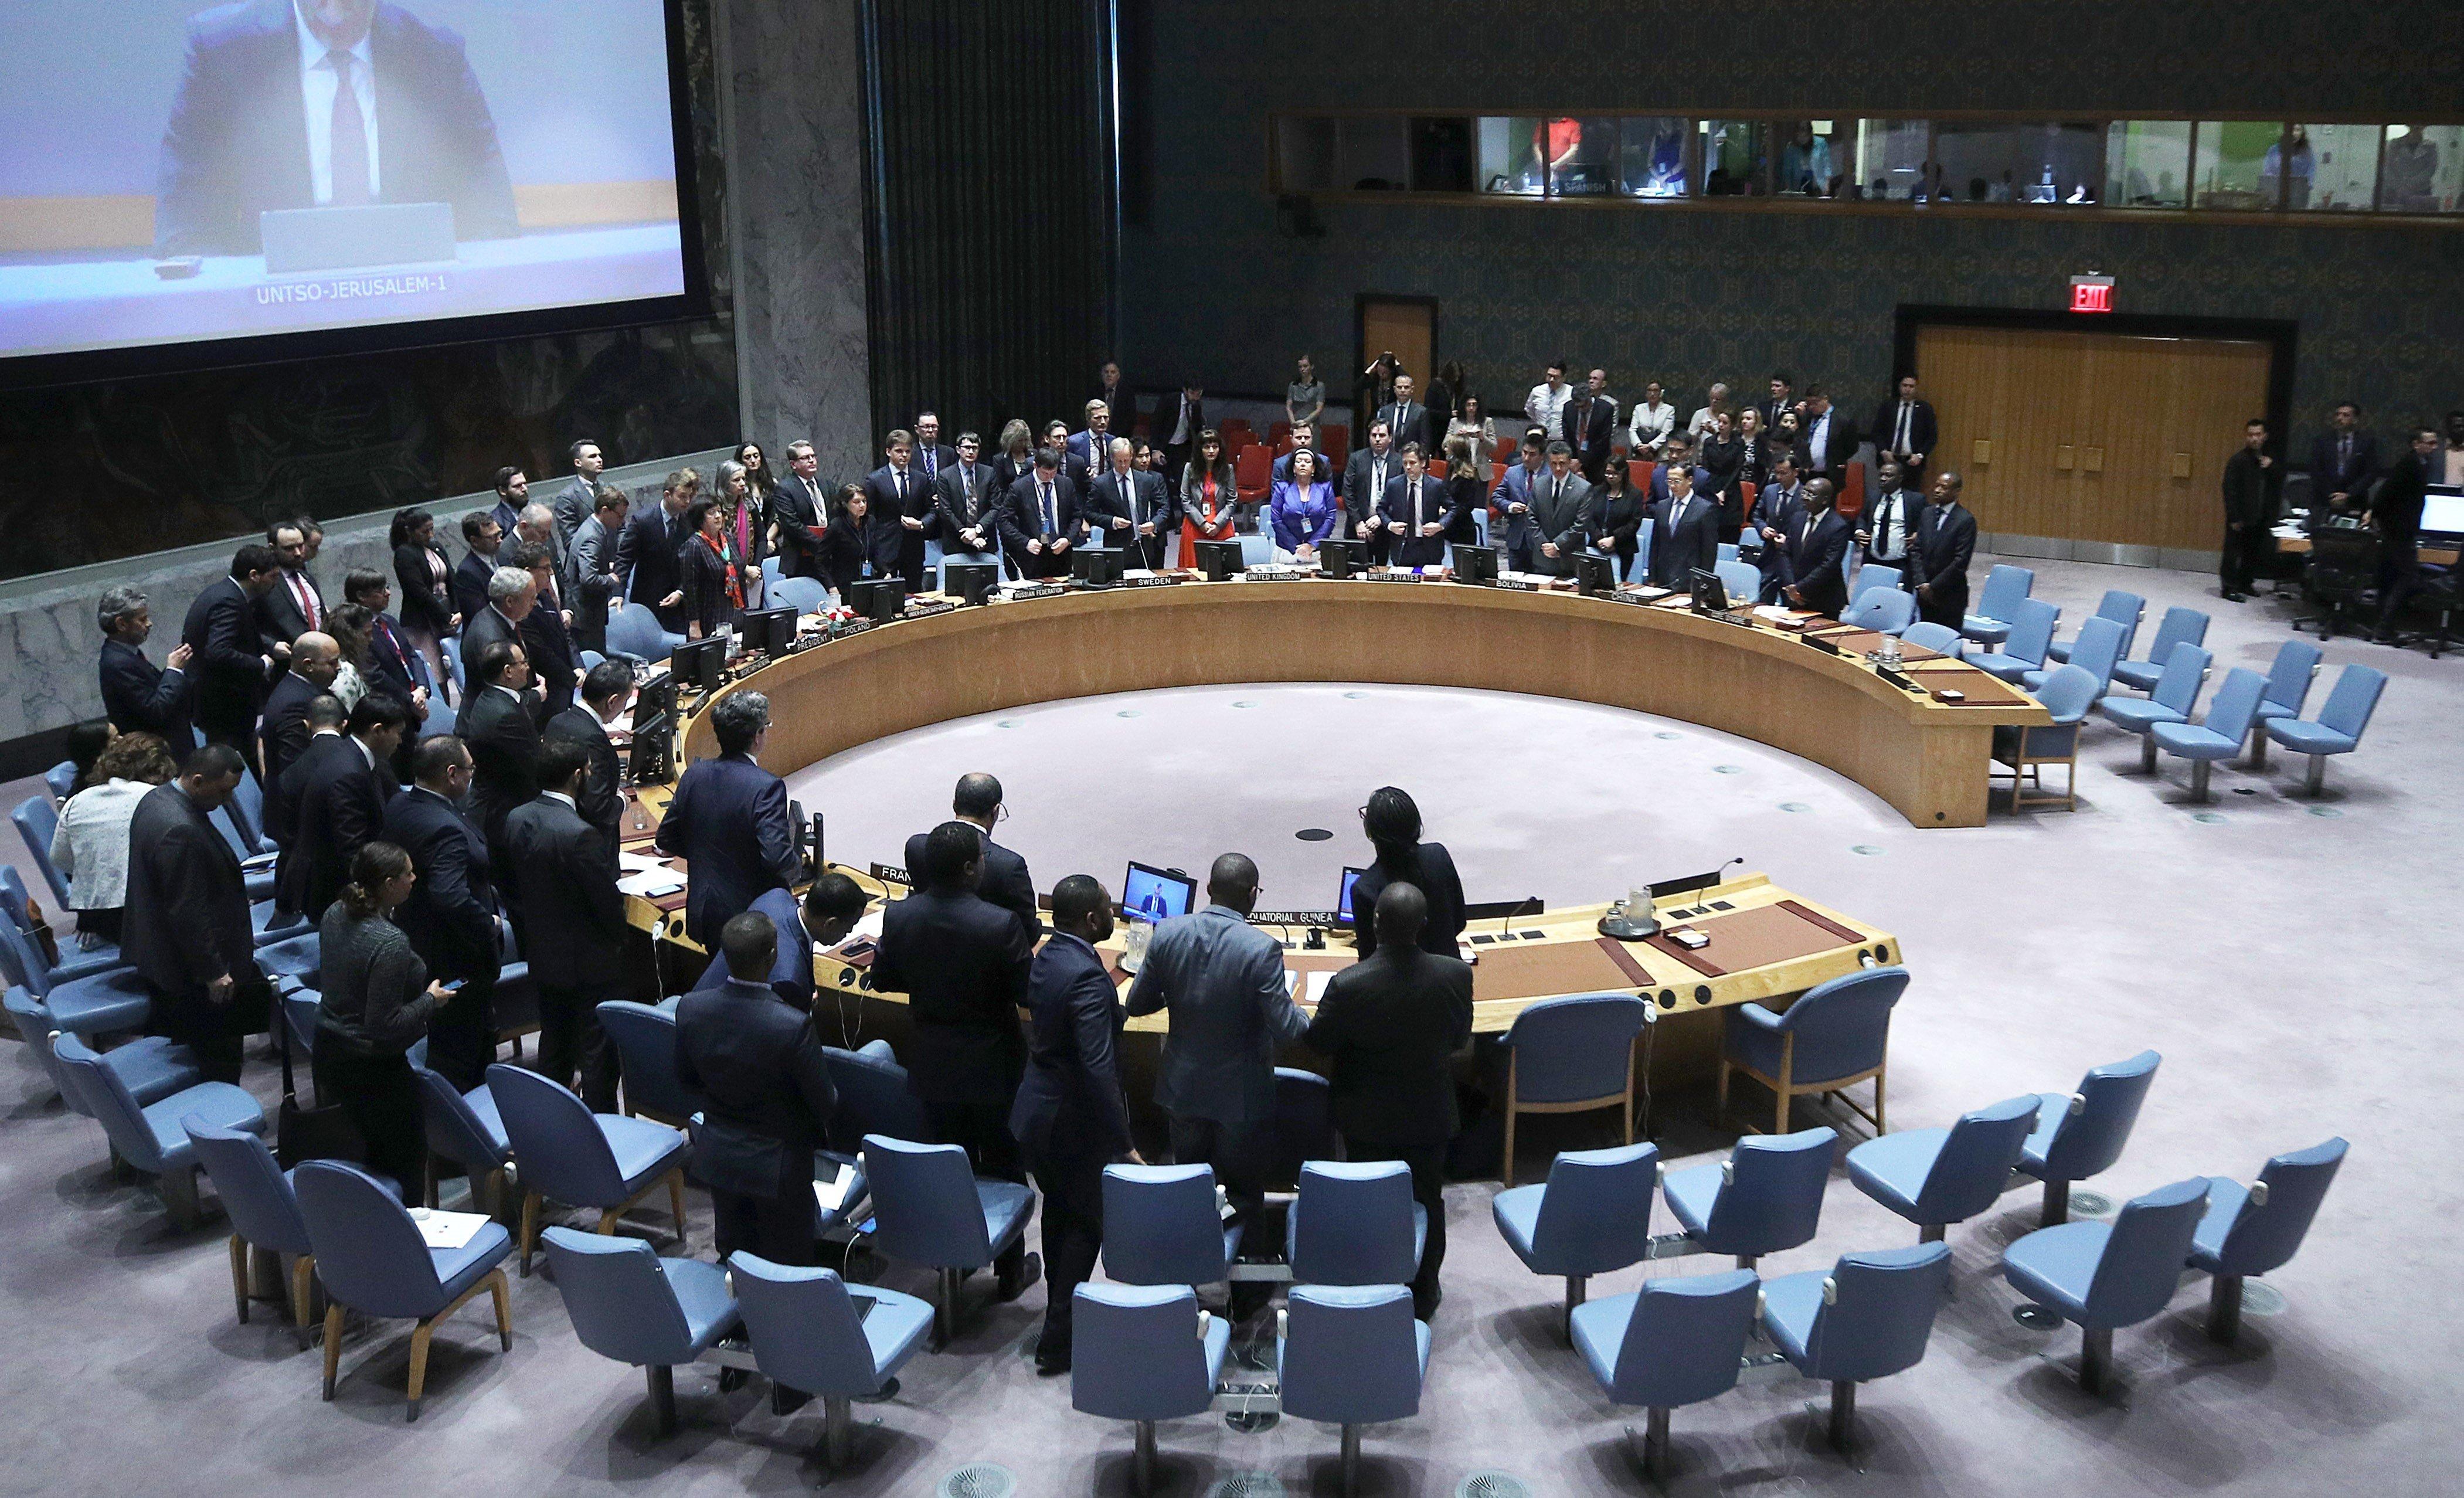 Διχασμένο το Συμβούλιο Ασφαλείας του ΟΗΕ για τη Γάζα. Διεθνή προστασία ζητά το Κουβέιτ, «αυτοσυγκράτηση» στη στάση του Ισραήλ...